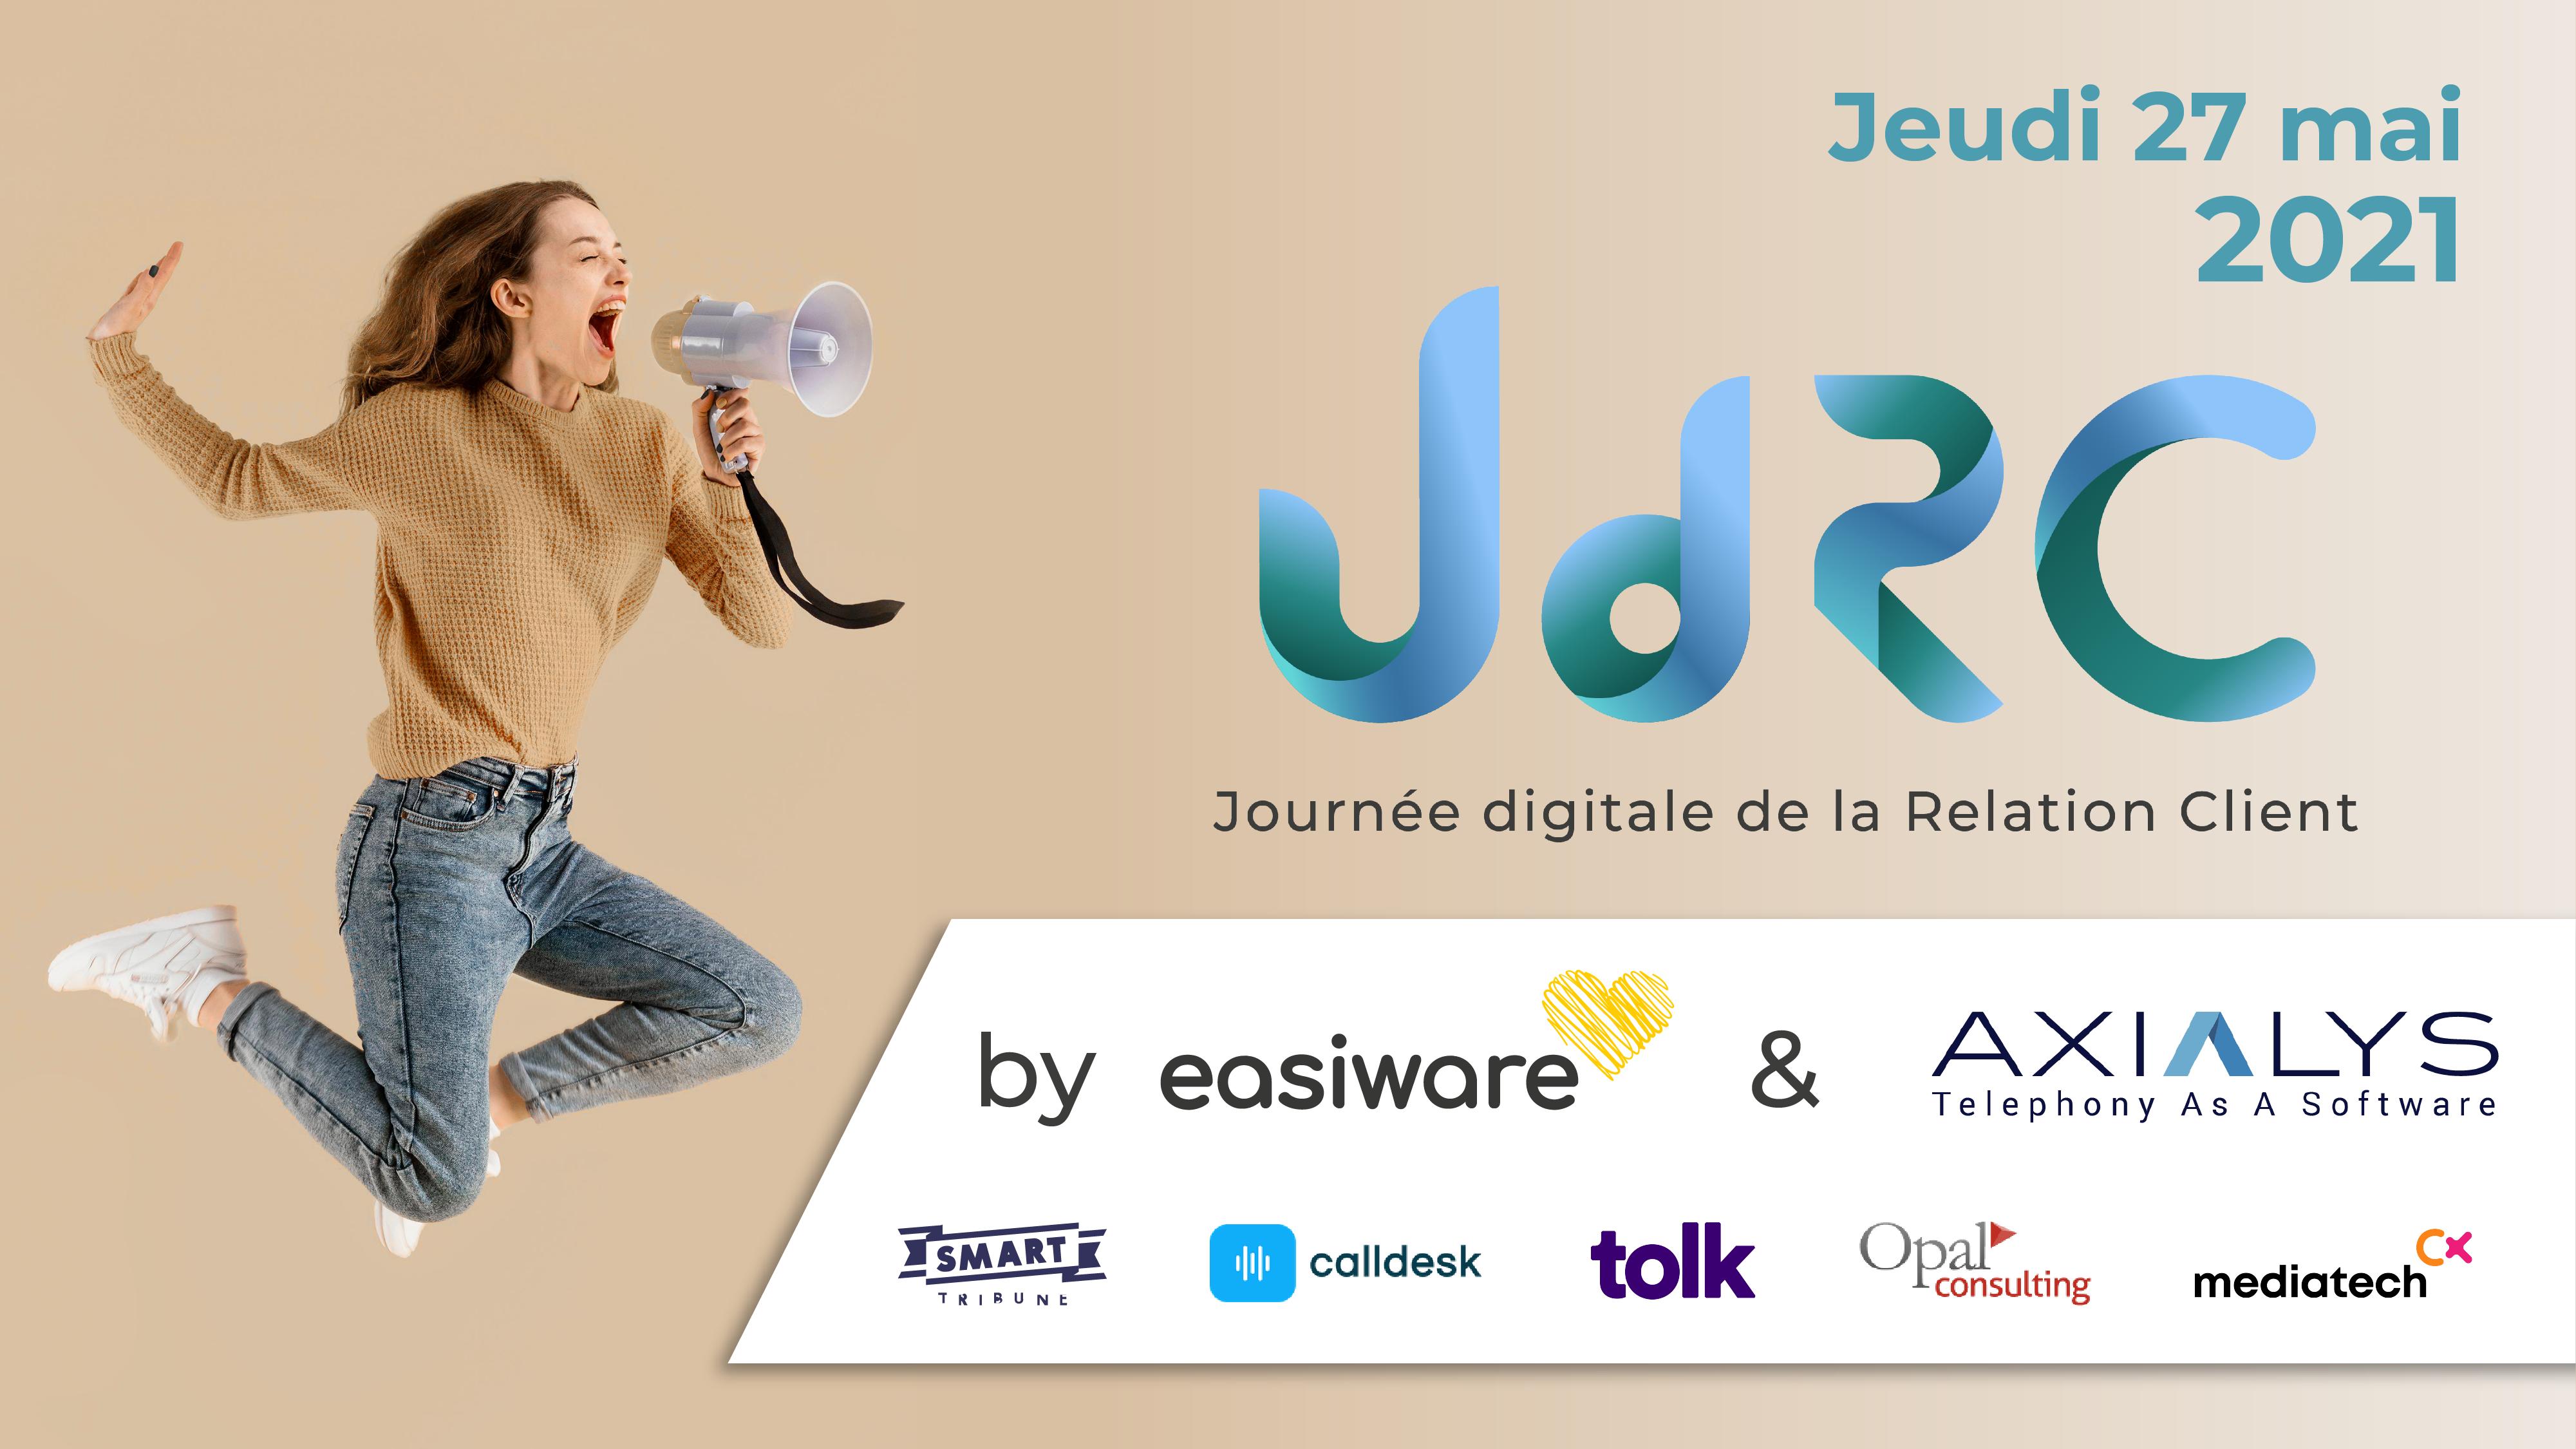 3ème journée digitale de la Relation Client 2021